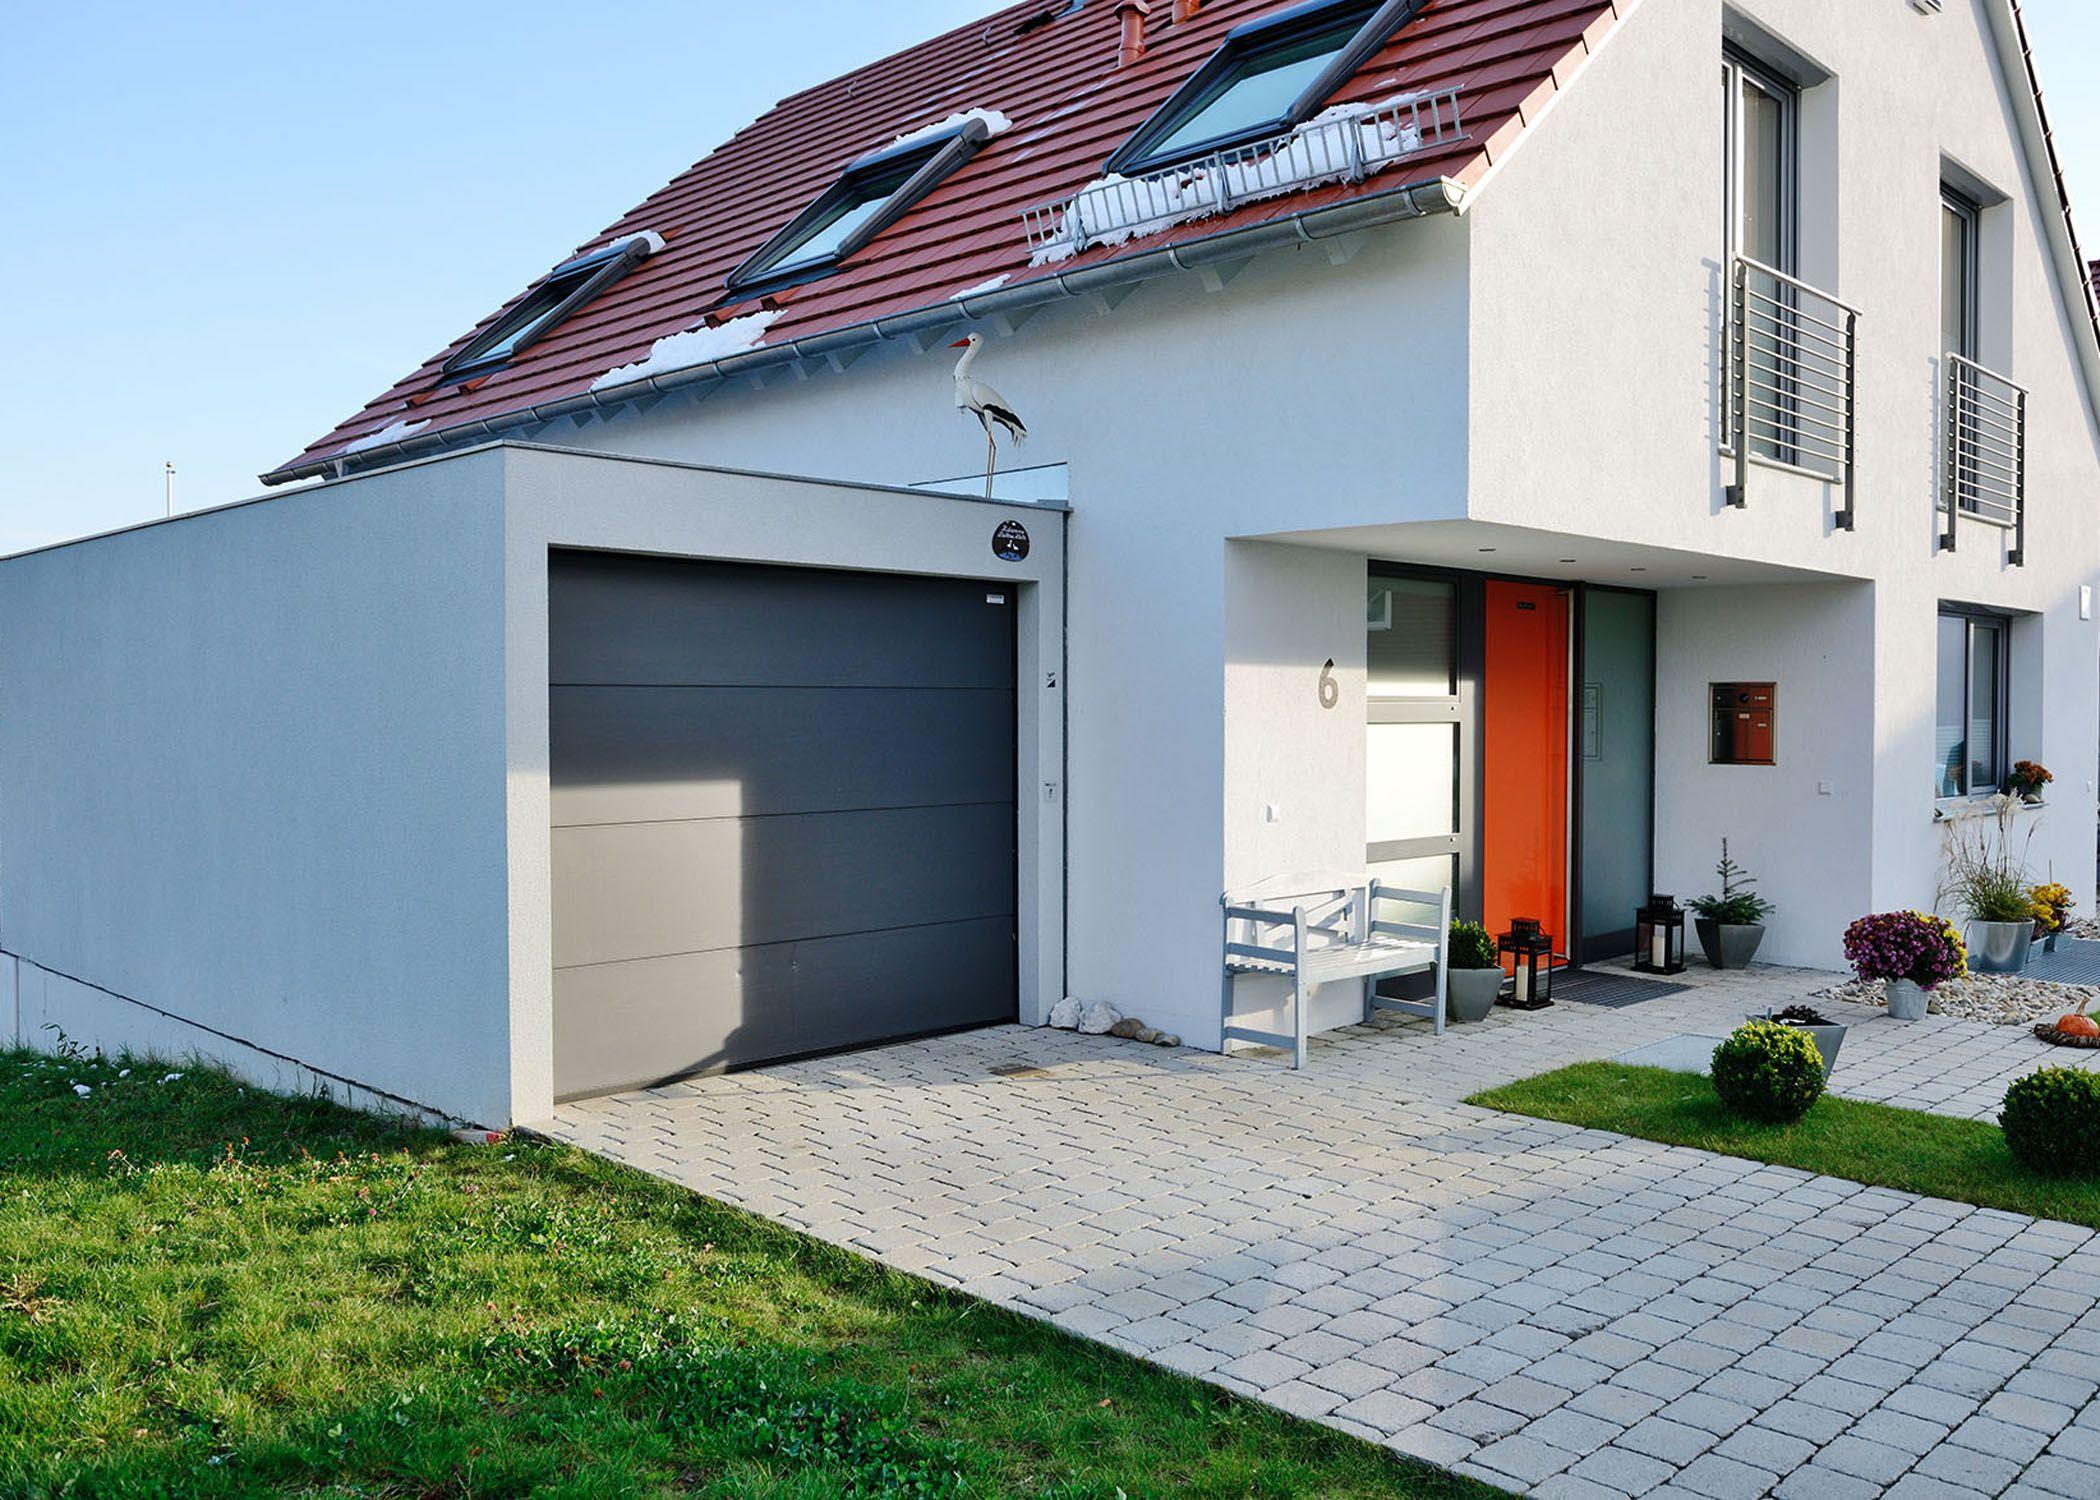 Fertiggarage  betonfertiggarage #fertiggarage #einzelgarage | Einzelgarage ...